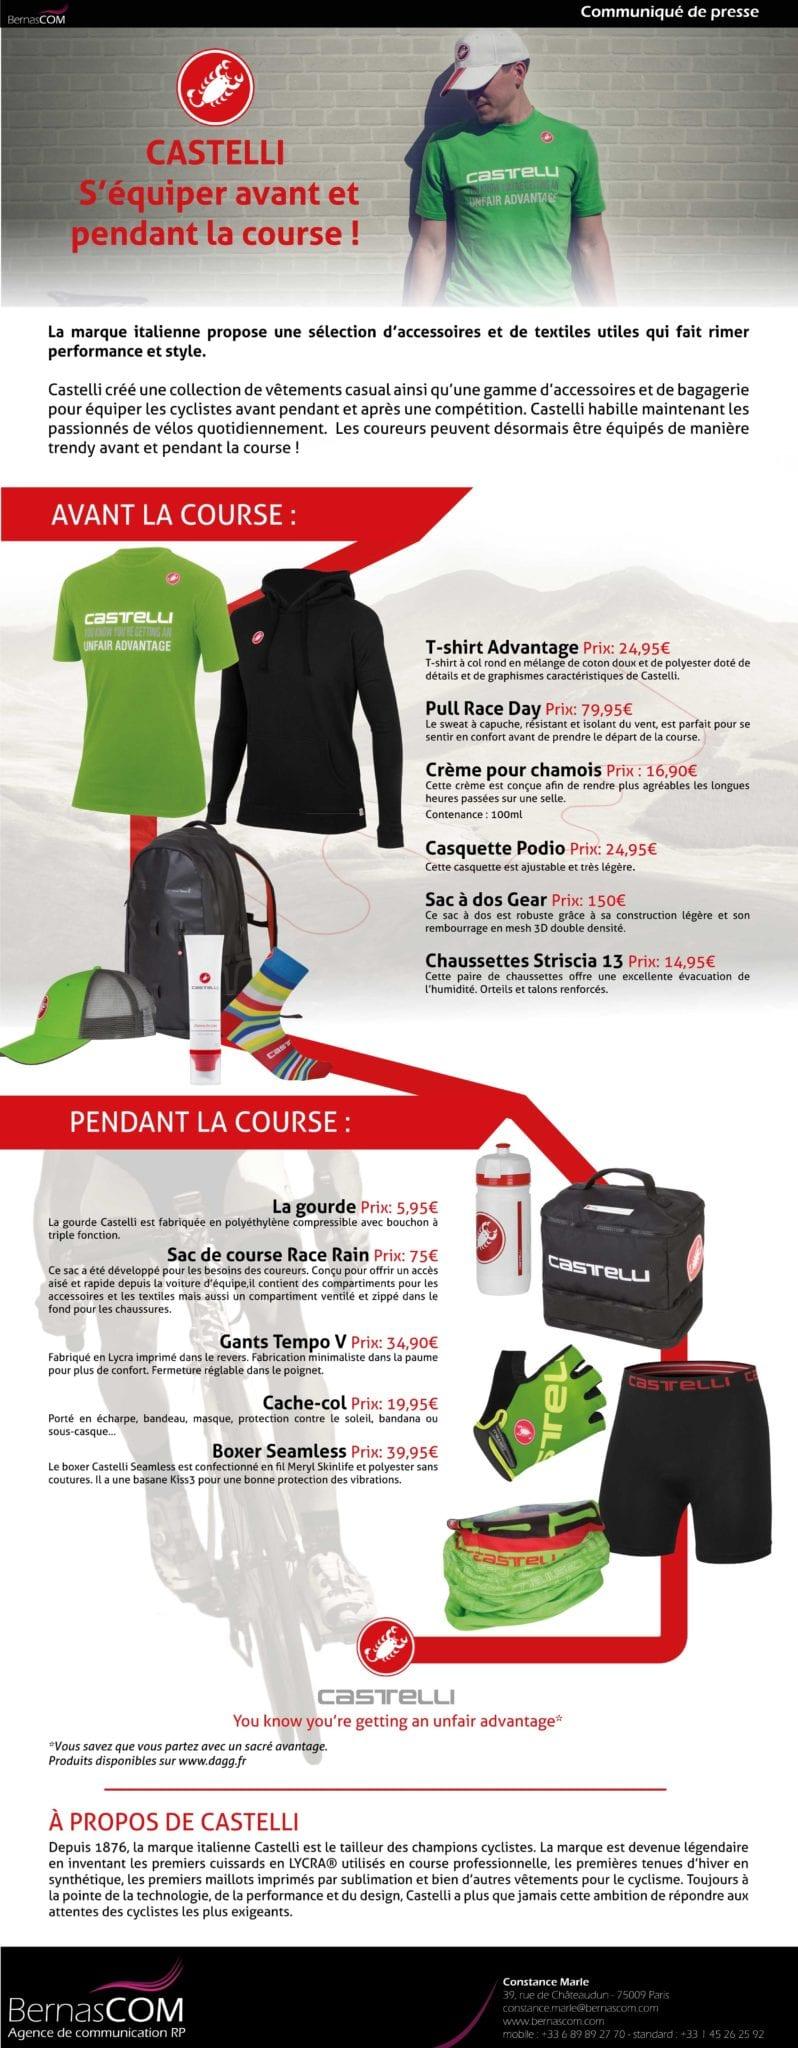 Castelli - CP - Autour de la course - Jpeg